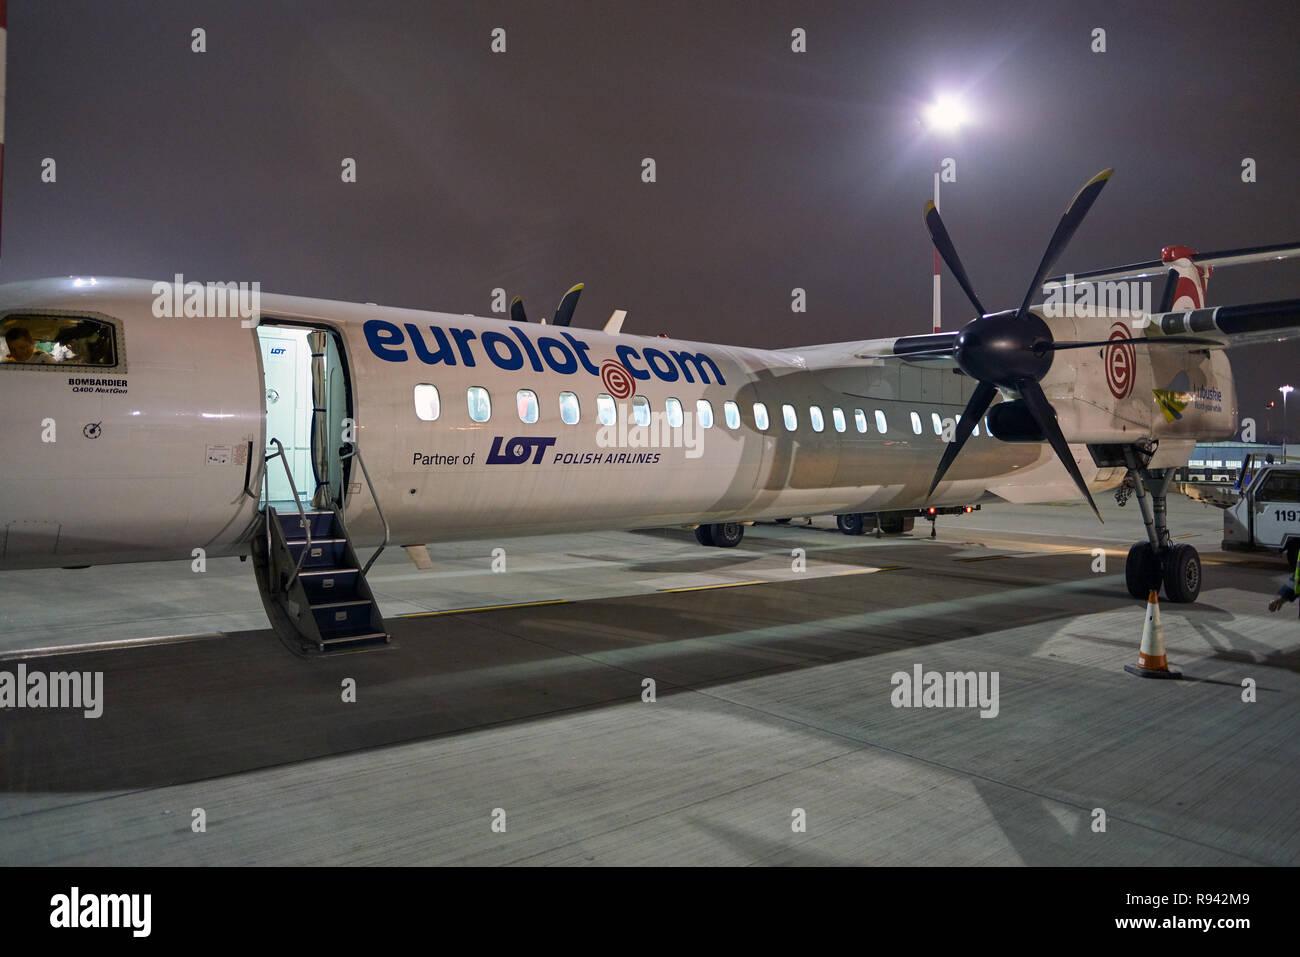 WARSAW, POLAND - CIRCA NOVEMBER, 2017:  Eurolot Bombardier Q400 NextGen at Warsaw Chopin Airport. Stock Photo